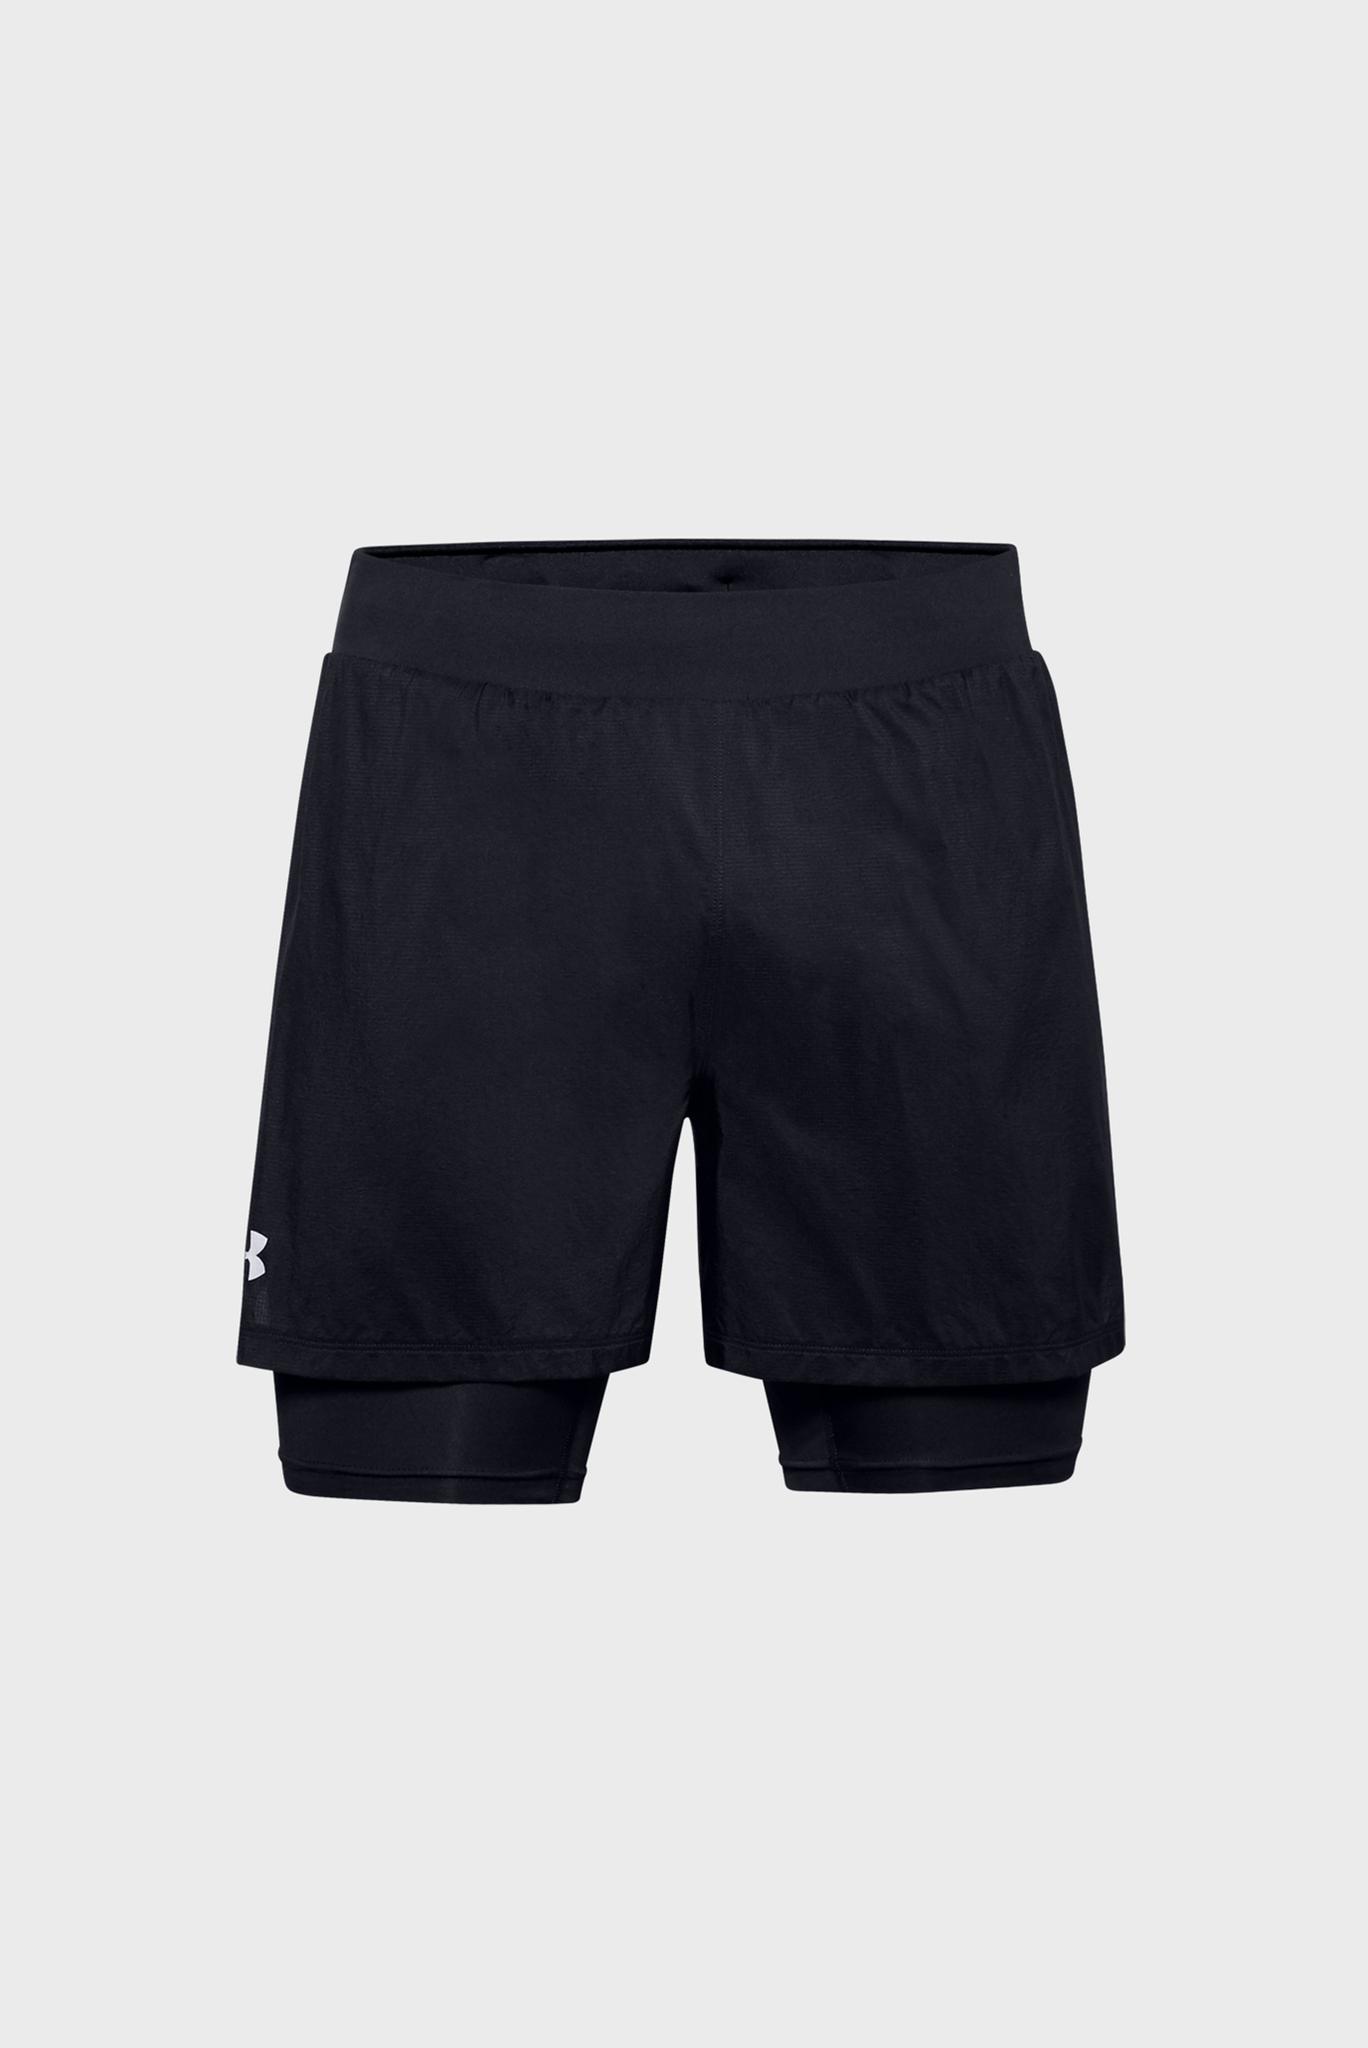 Мужские черные спортивные шорты M UA Qualifier SpeedPocket 2-in-1 Short Under Armour